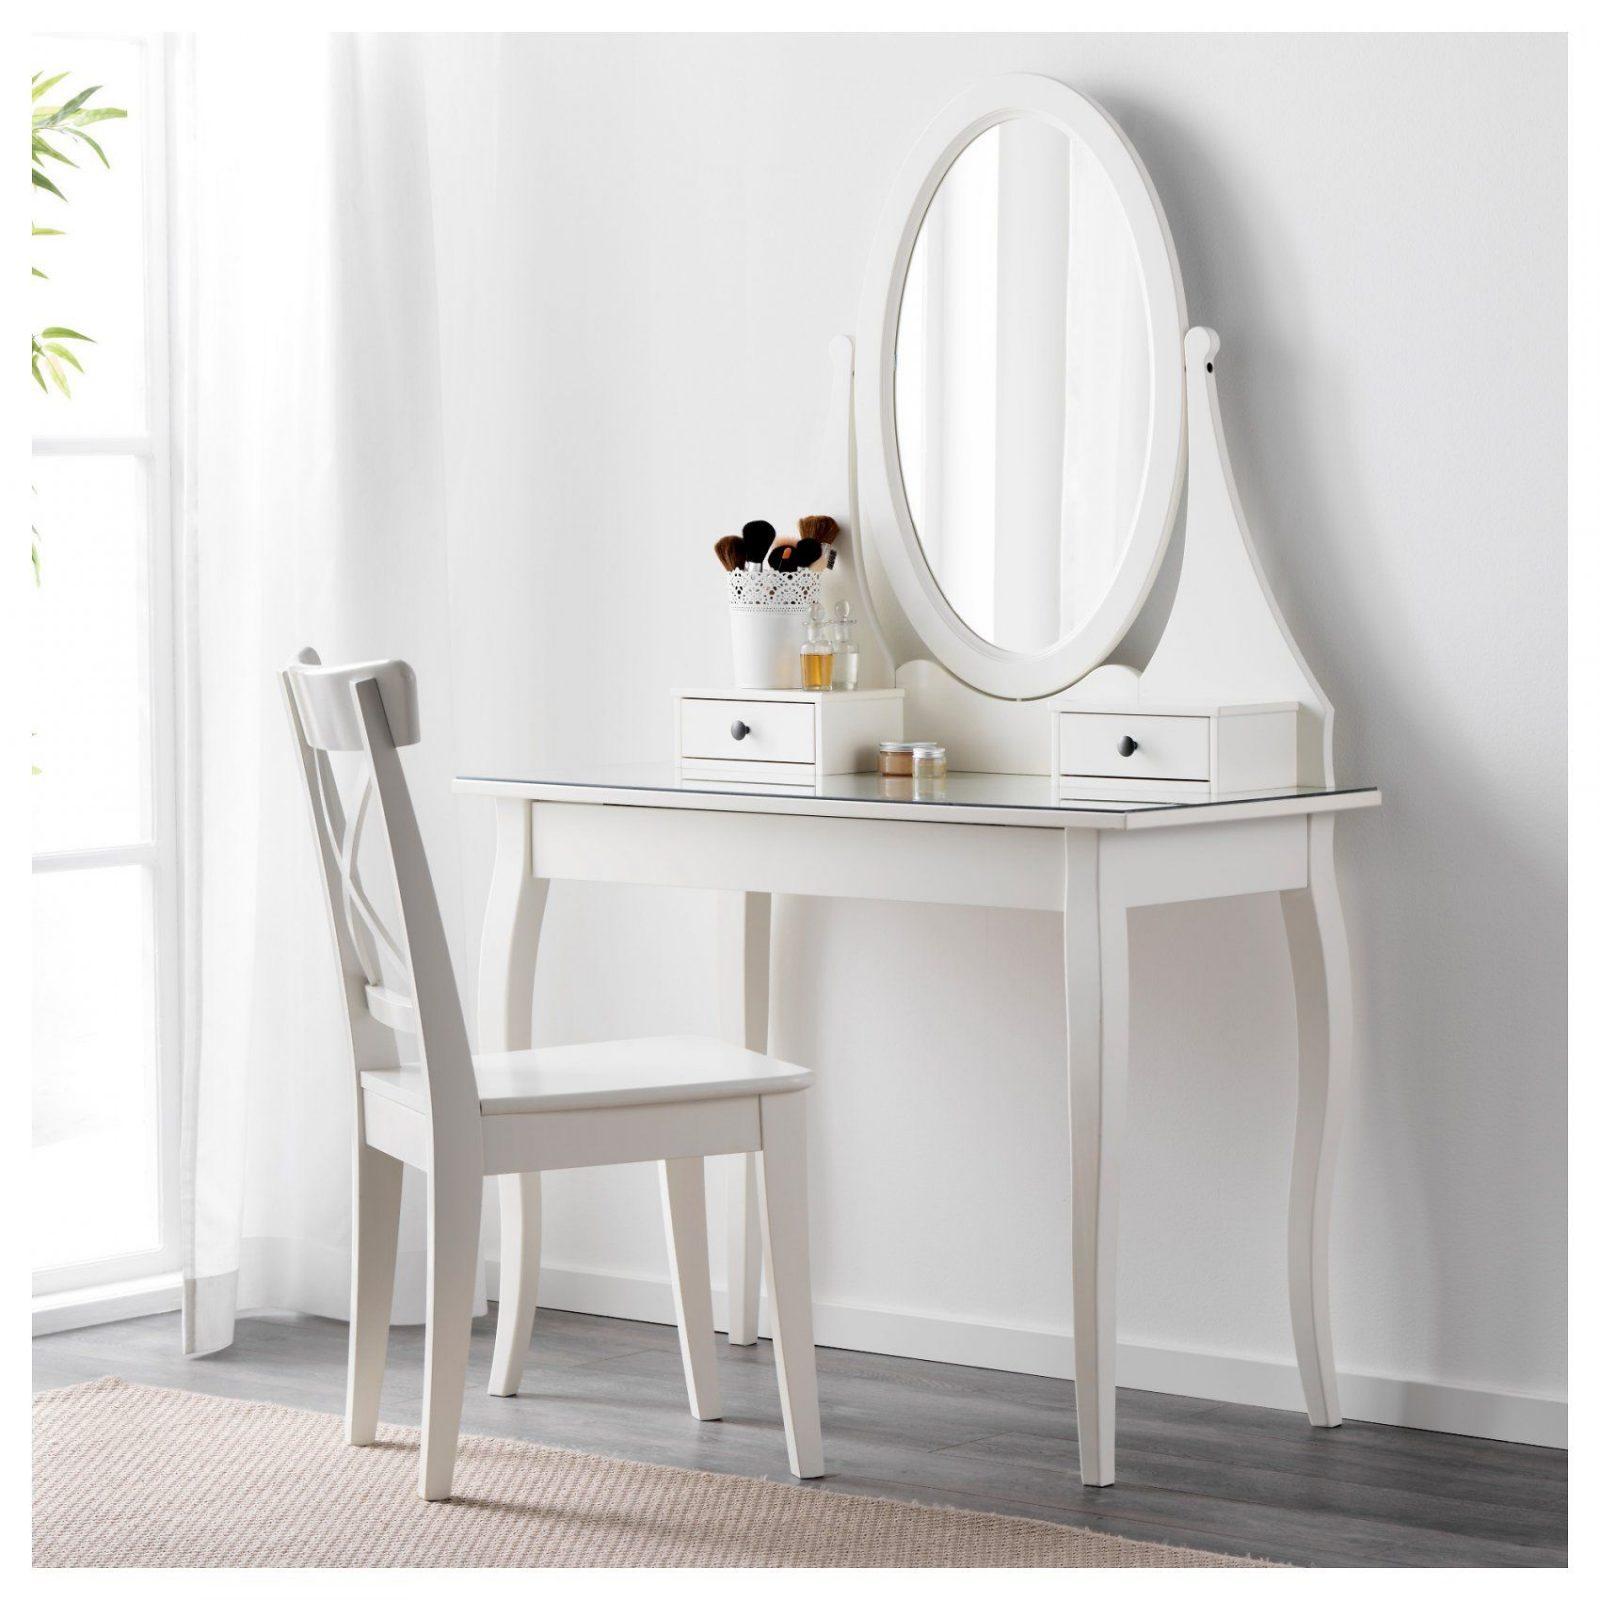 schminktisch weis modern von schminktisch wei hochglanz ikea bild haus design ideen. Black Bedroom Furniture Sets. Home Design Ideas